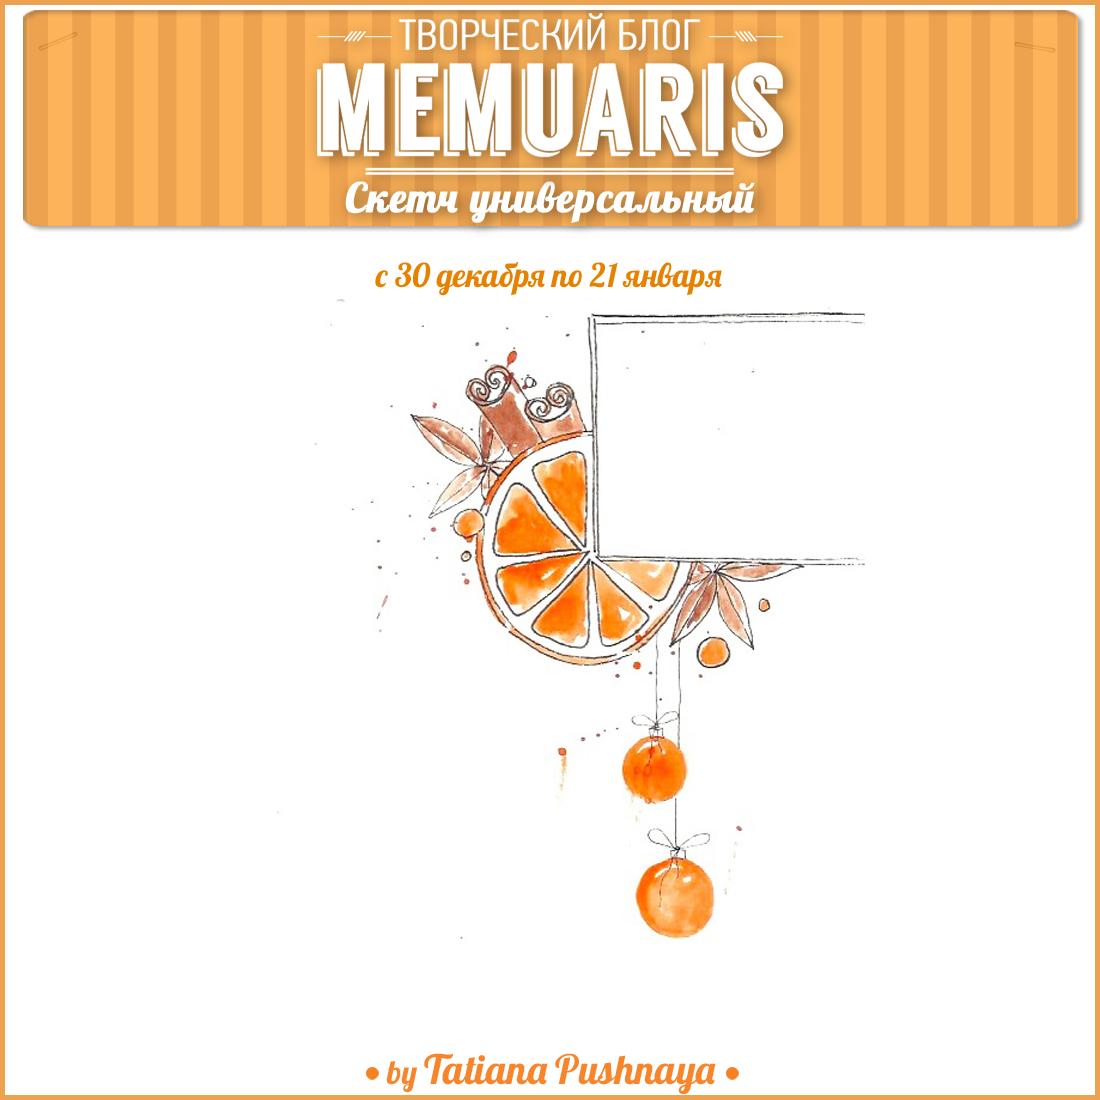 http://memuaris.blogspot.com/2015/12/memuaris-scrapbooking-sketch-24.html